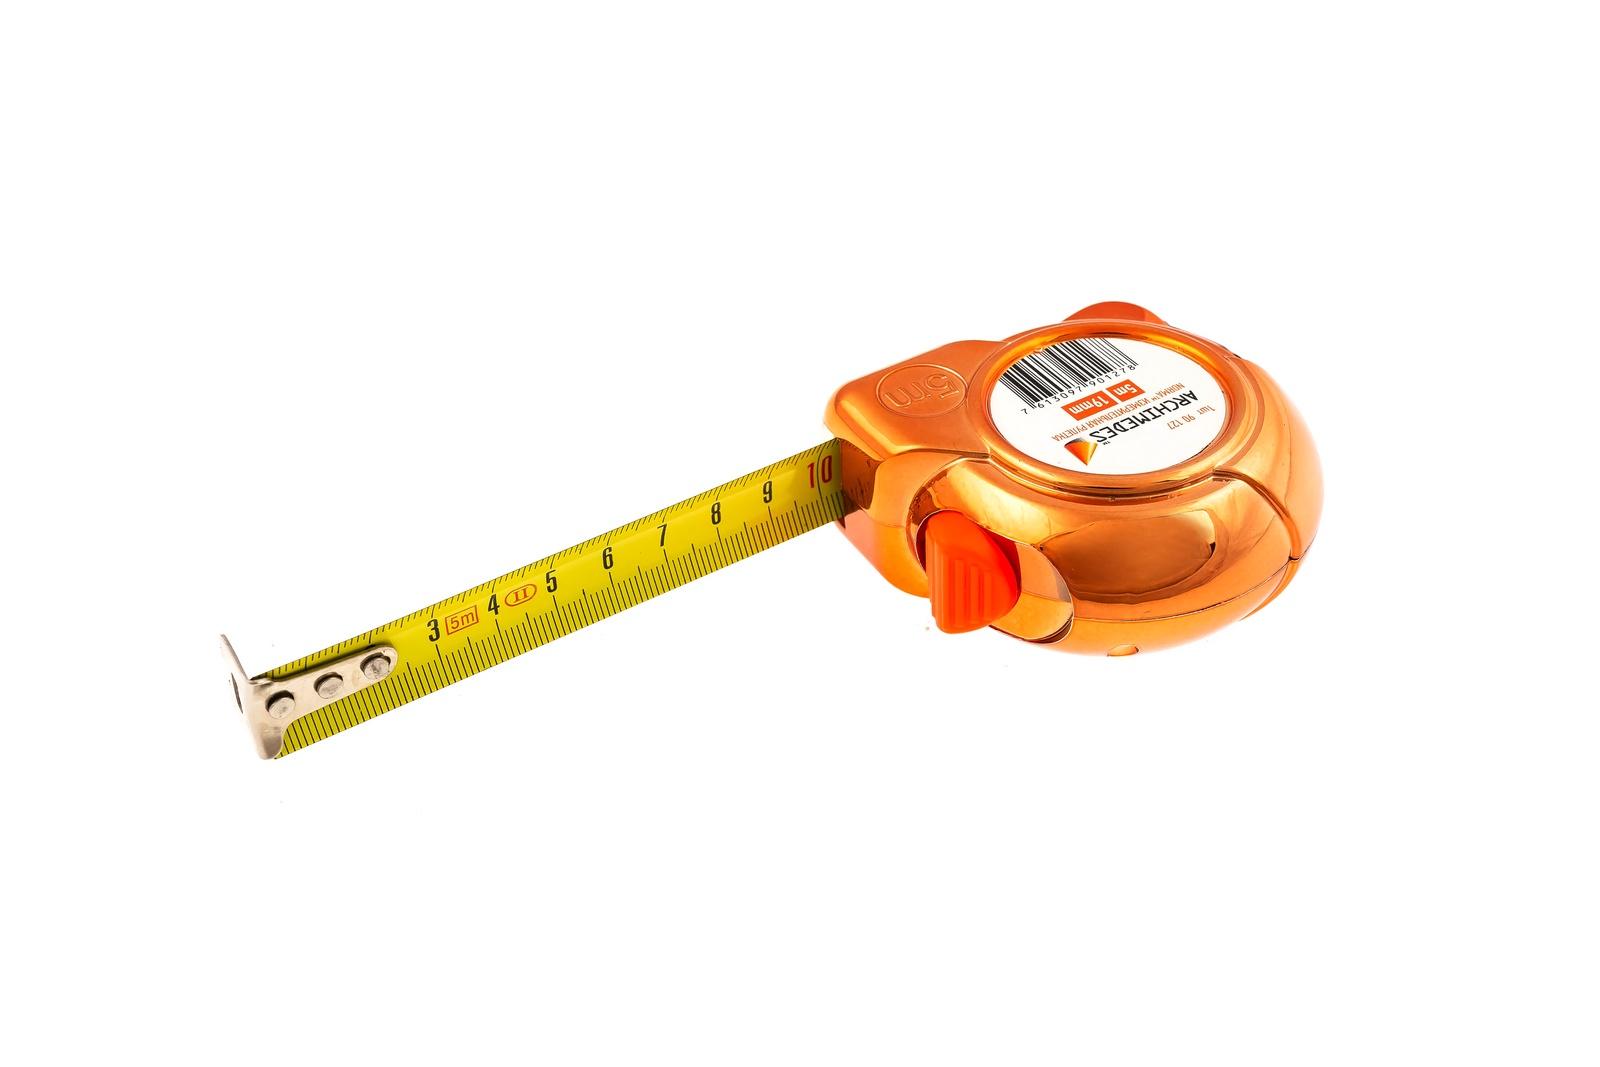 Измерительная рулетка Archimedes Рулетка измерительная, 5м